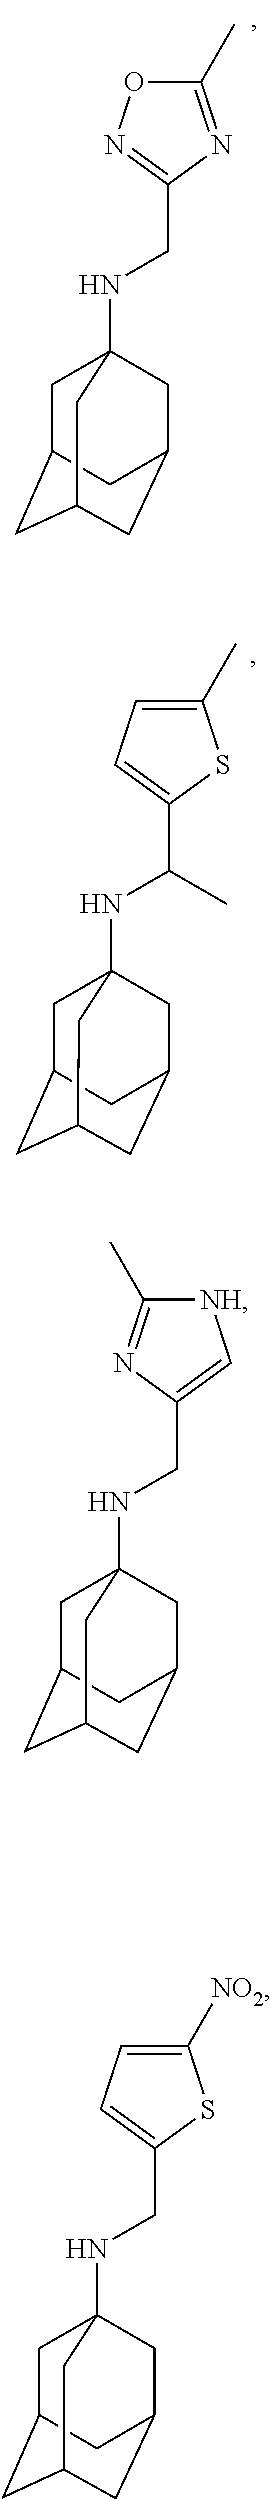 Figure US09884832-20180206-C00149